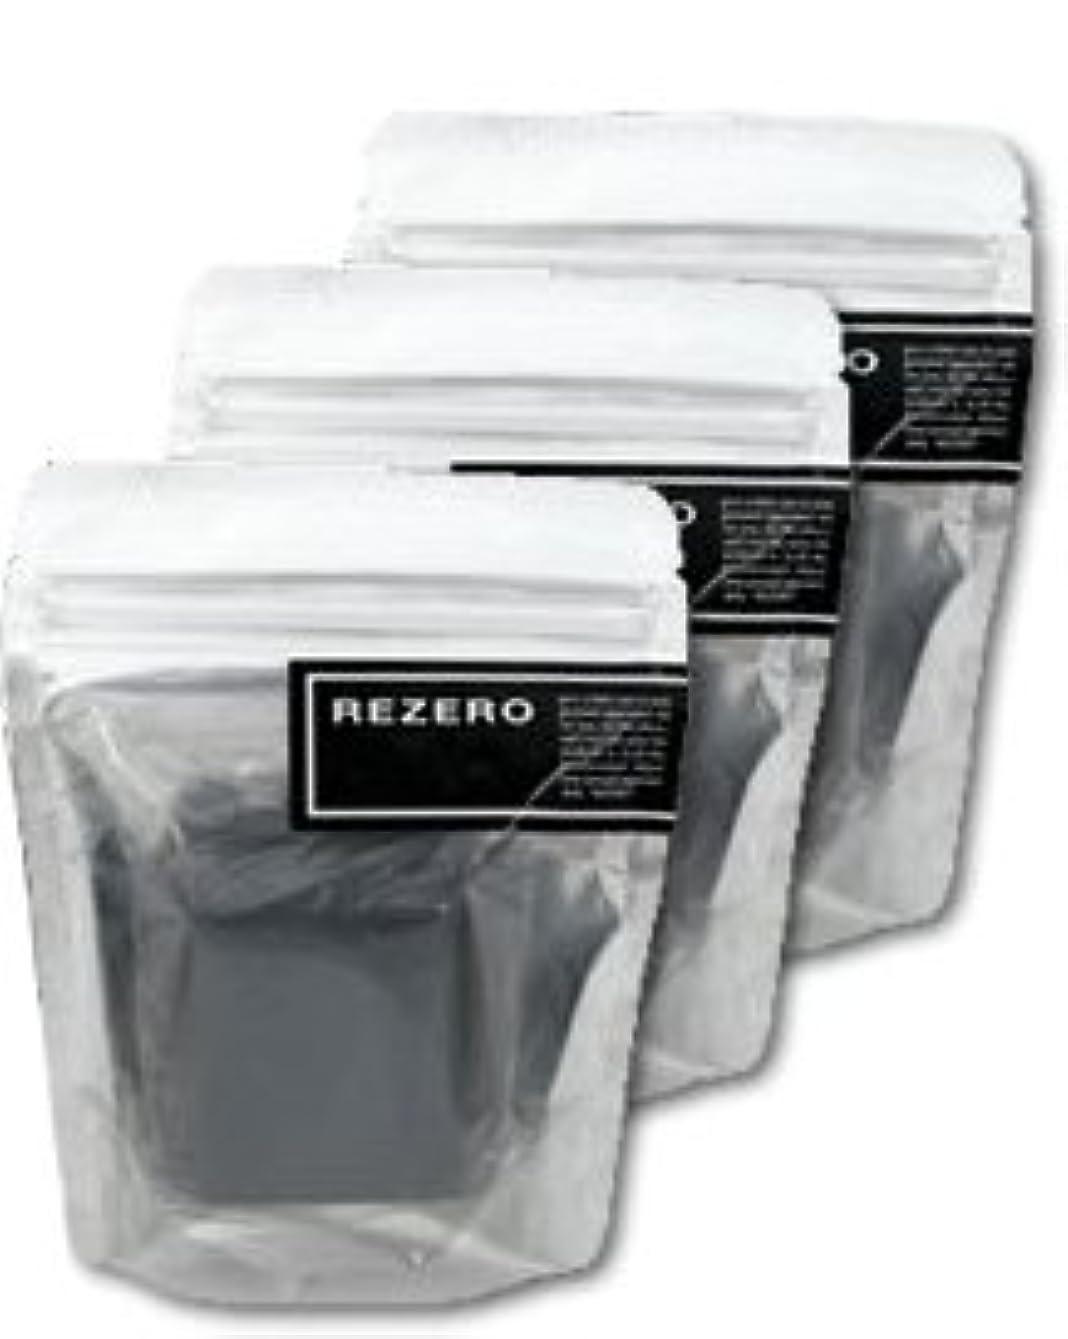 未亡人実現可能性支配的リゼロ プレミアム柿炭ソープ 90g×3個セット